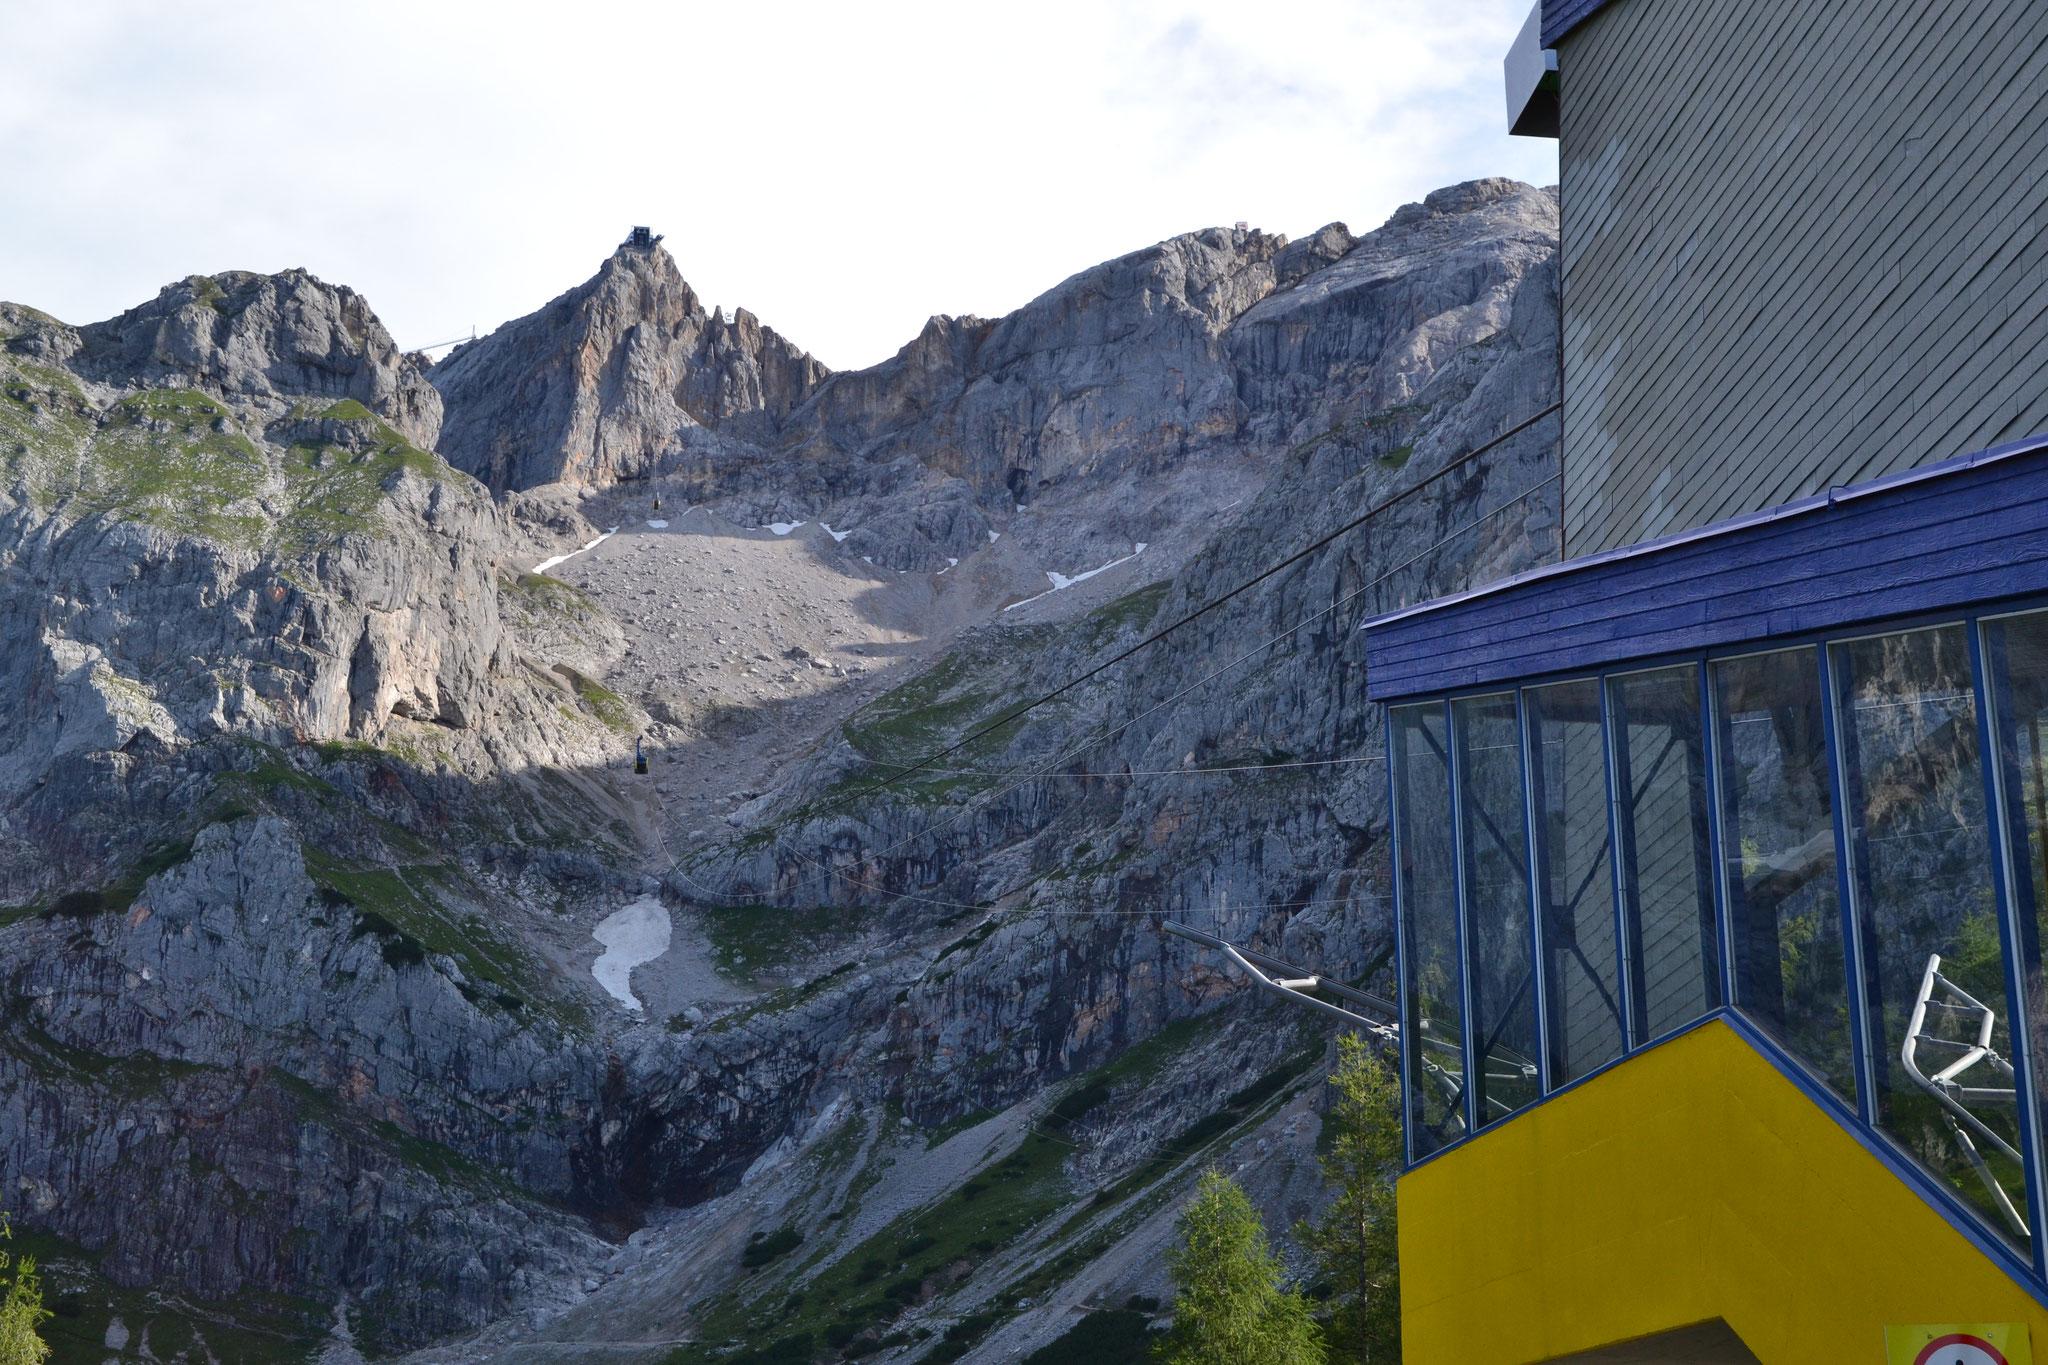 Dachstein Seilbahn